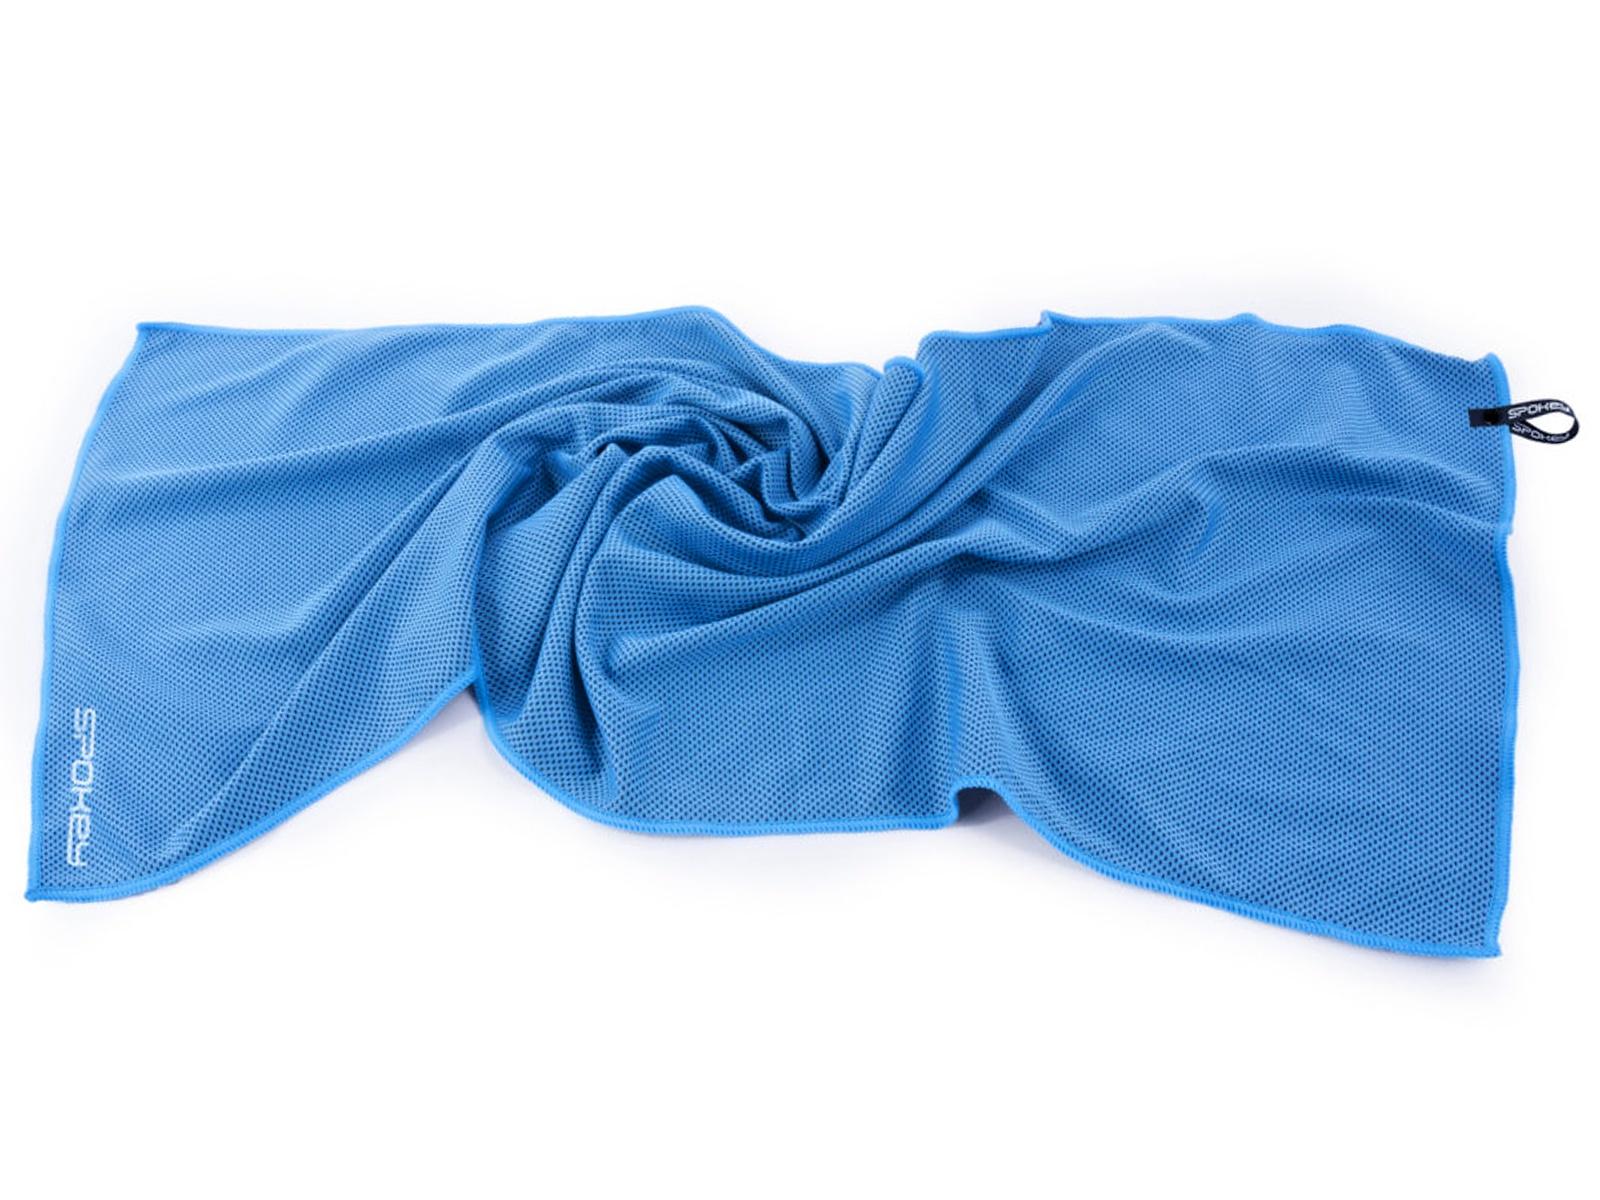 COSMO Chladící rychleschnoucí ručník 31 x 84 cm, modrý v plastové tubě